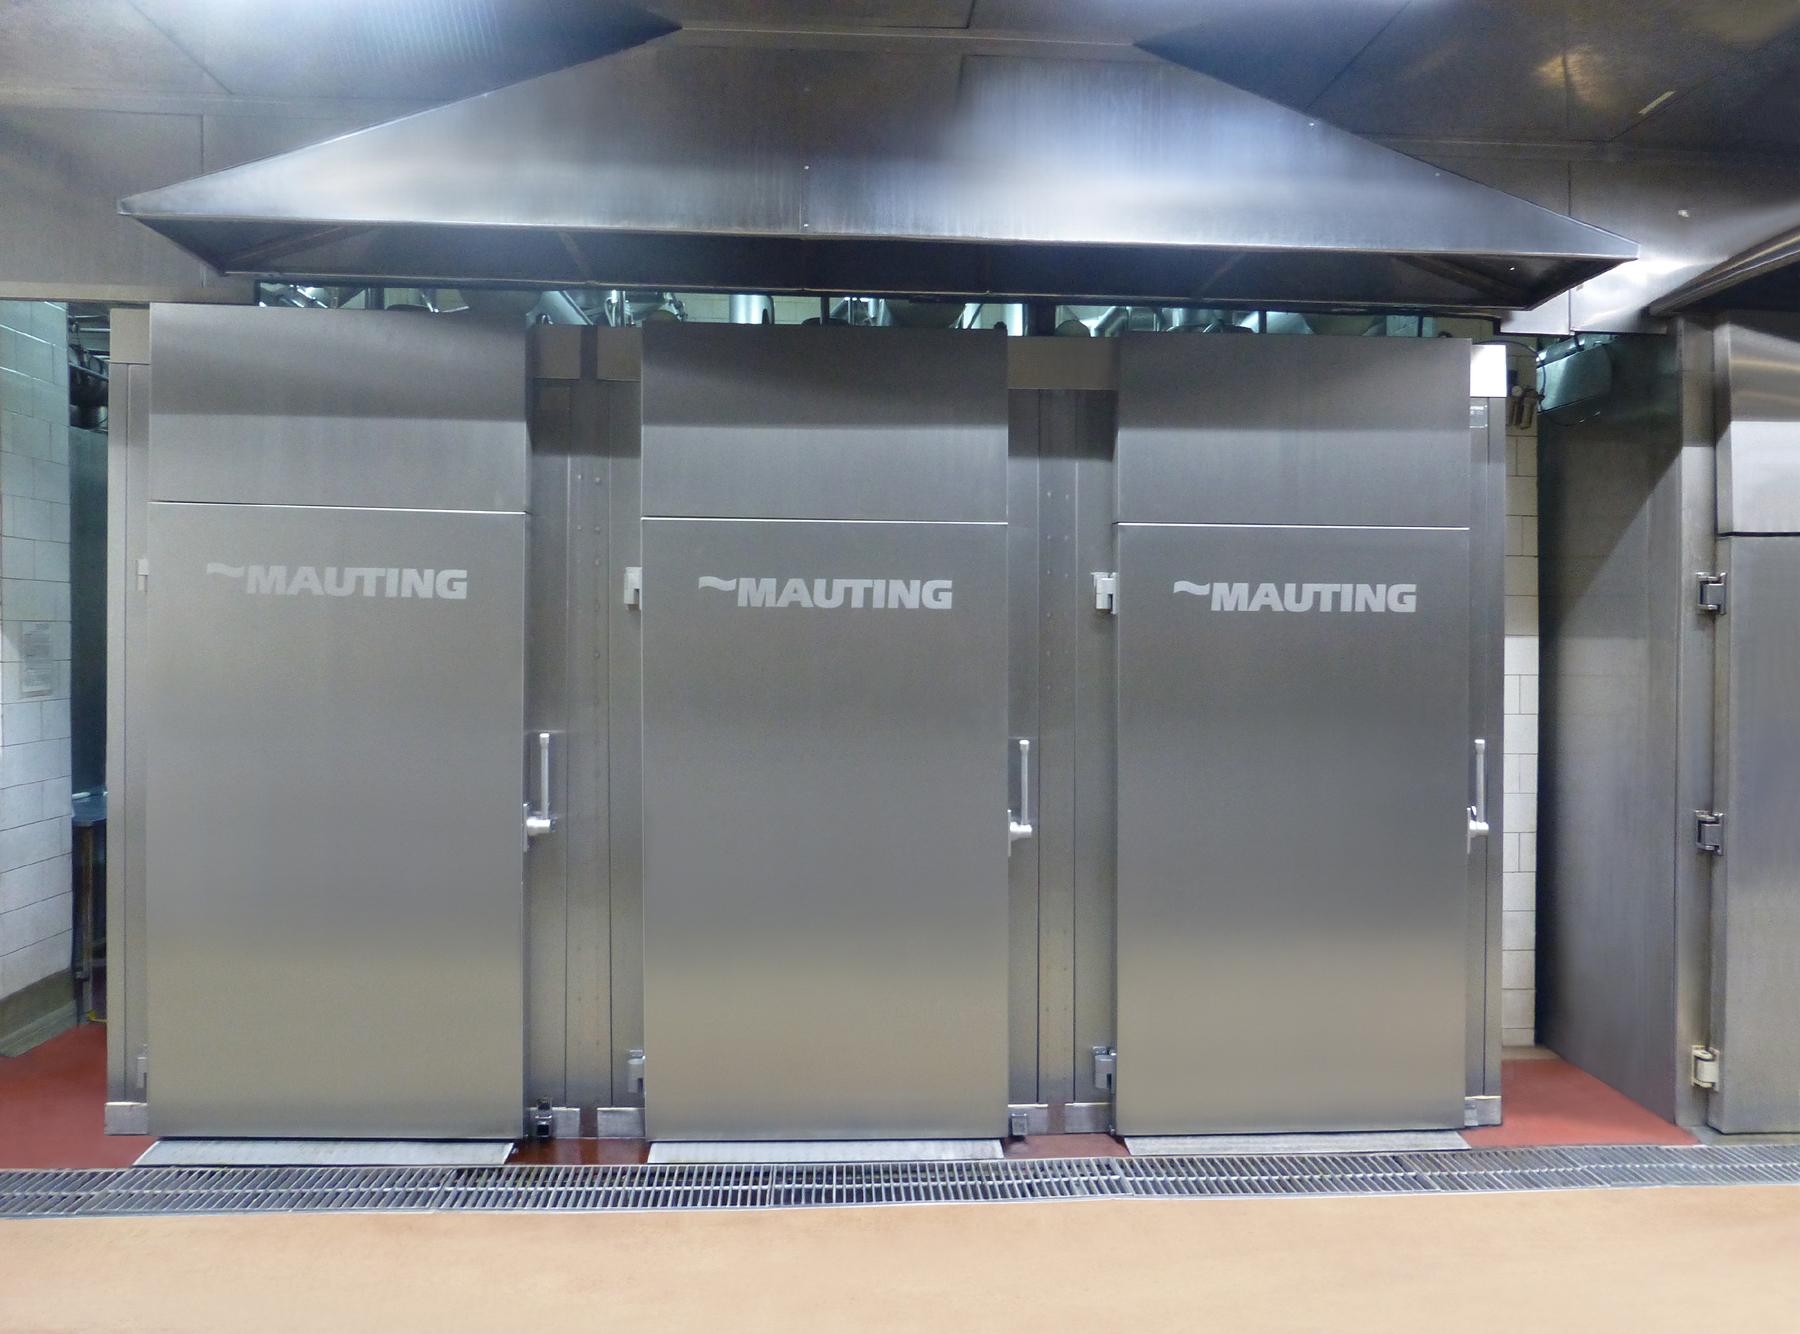 Instalace 3 ks čtyřvozíkových udírenských komor u zákazníka v Bělorusku